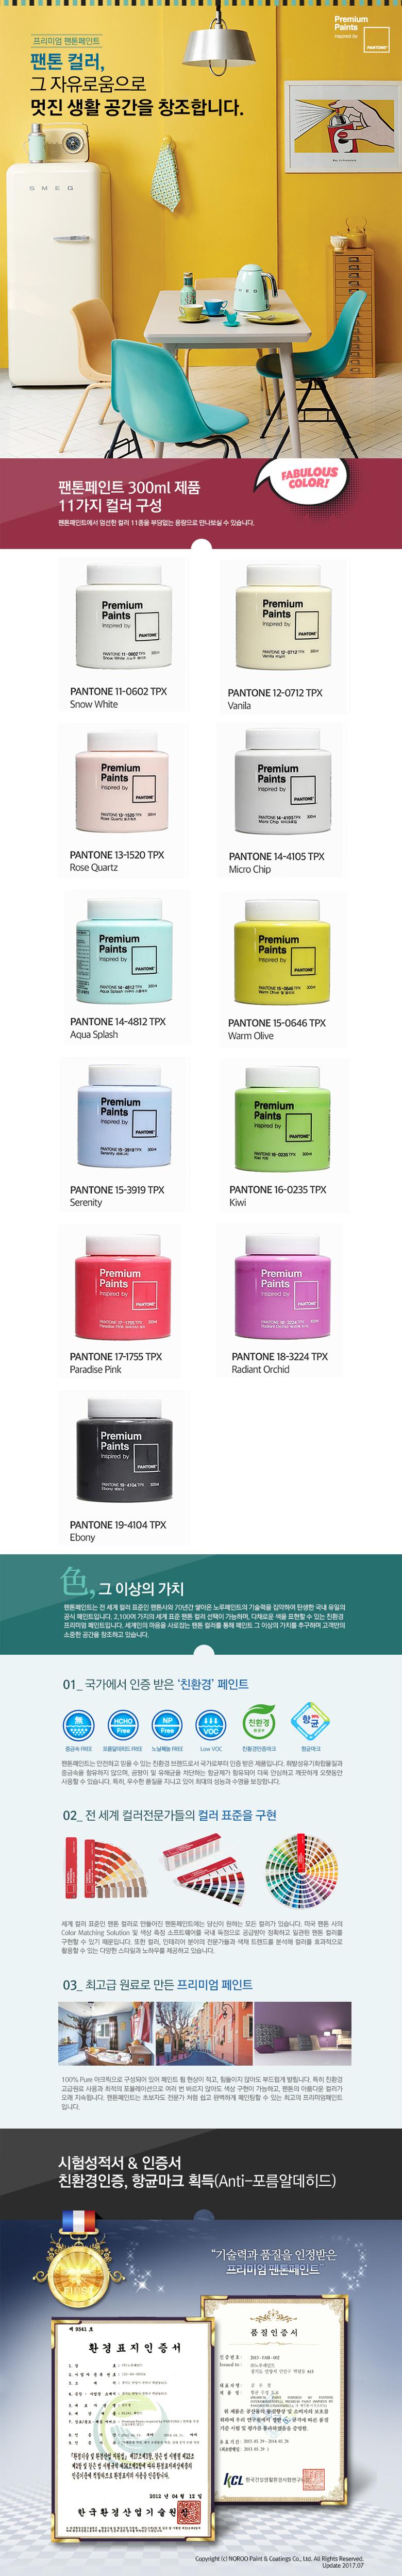 팬톤프리미엄페인트(300ml/스노우화이트/노루페인트) - 오피스디포, 7,800원, 금속/섬유전용물감, 금속물감